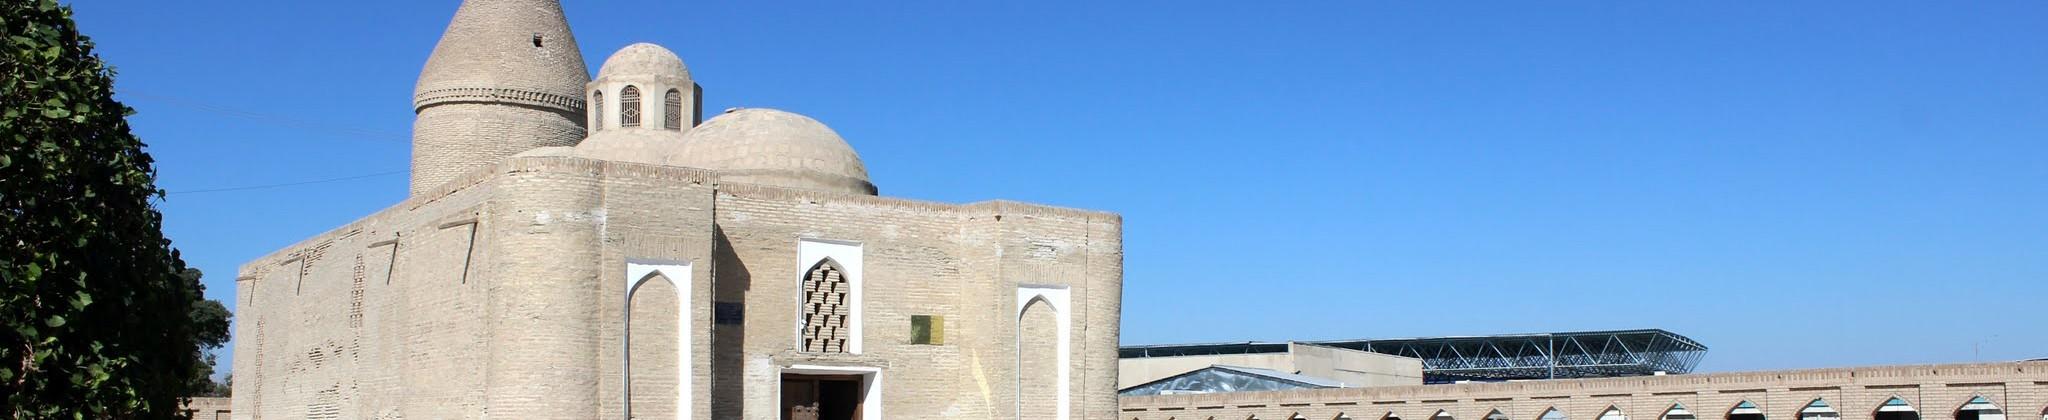 Mausoleum of Chashma Ayub - 1